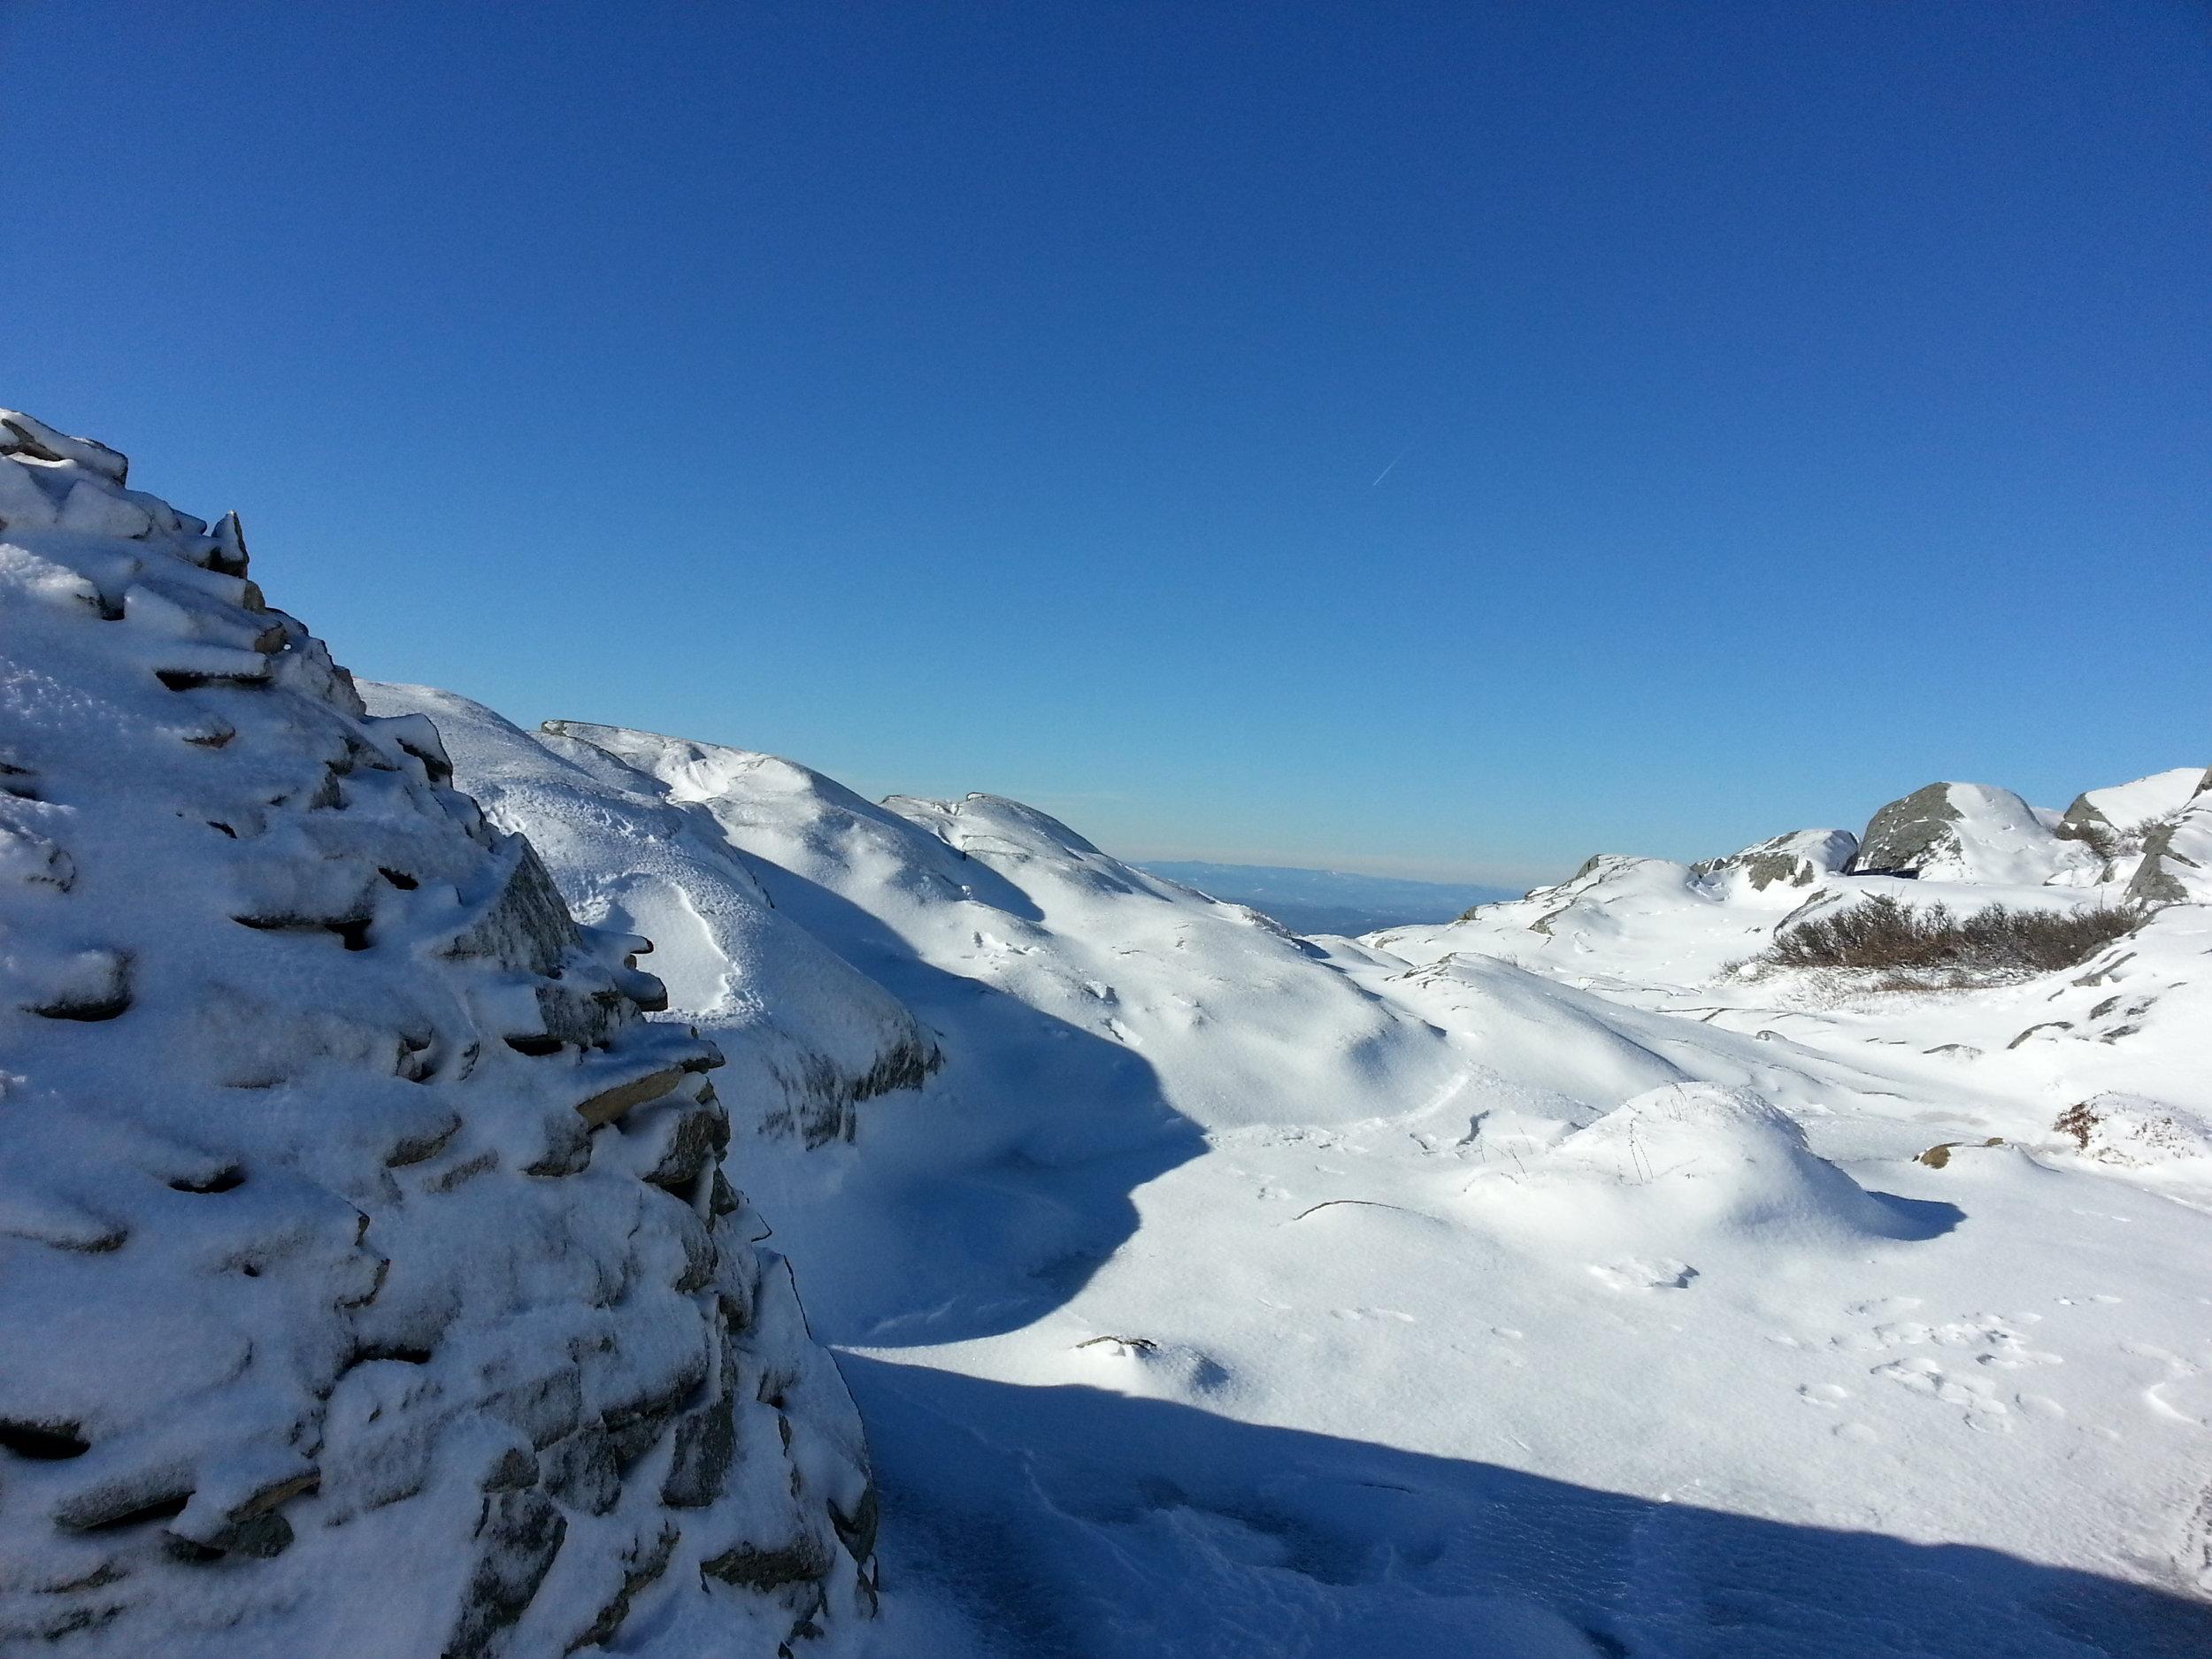 Snowy peak.